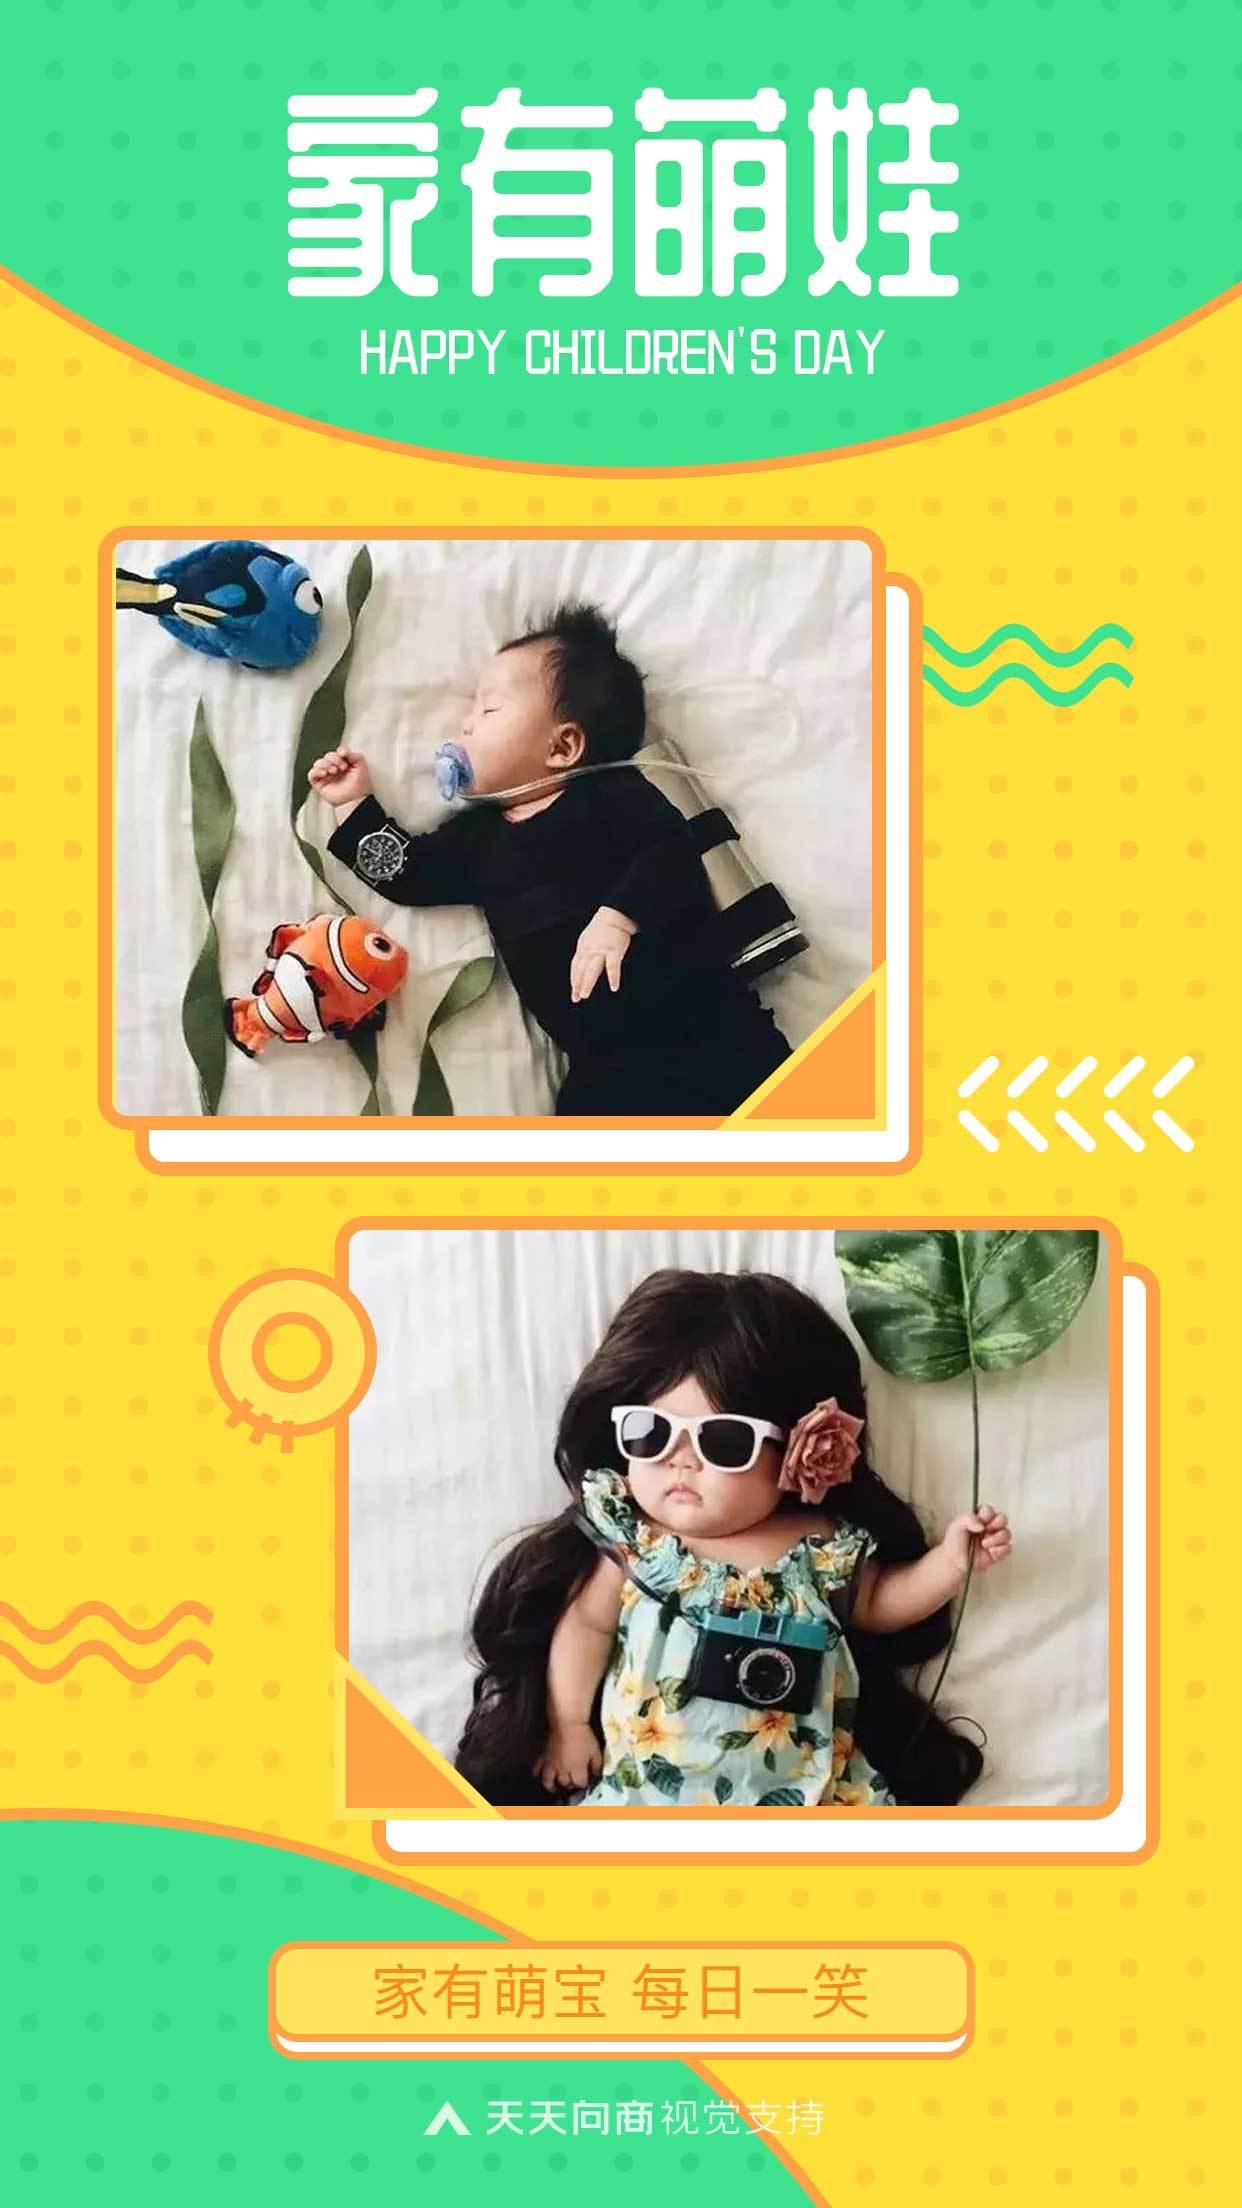 家有萌娃幸福晒照相册